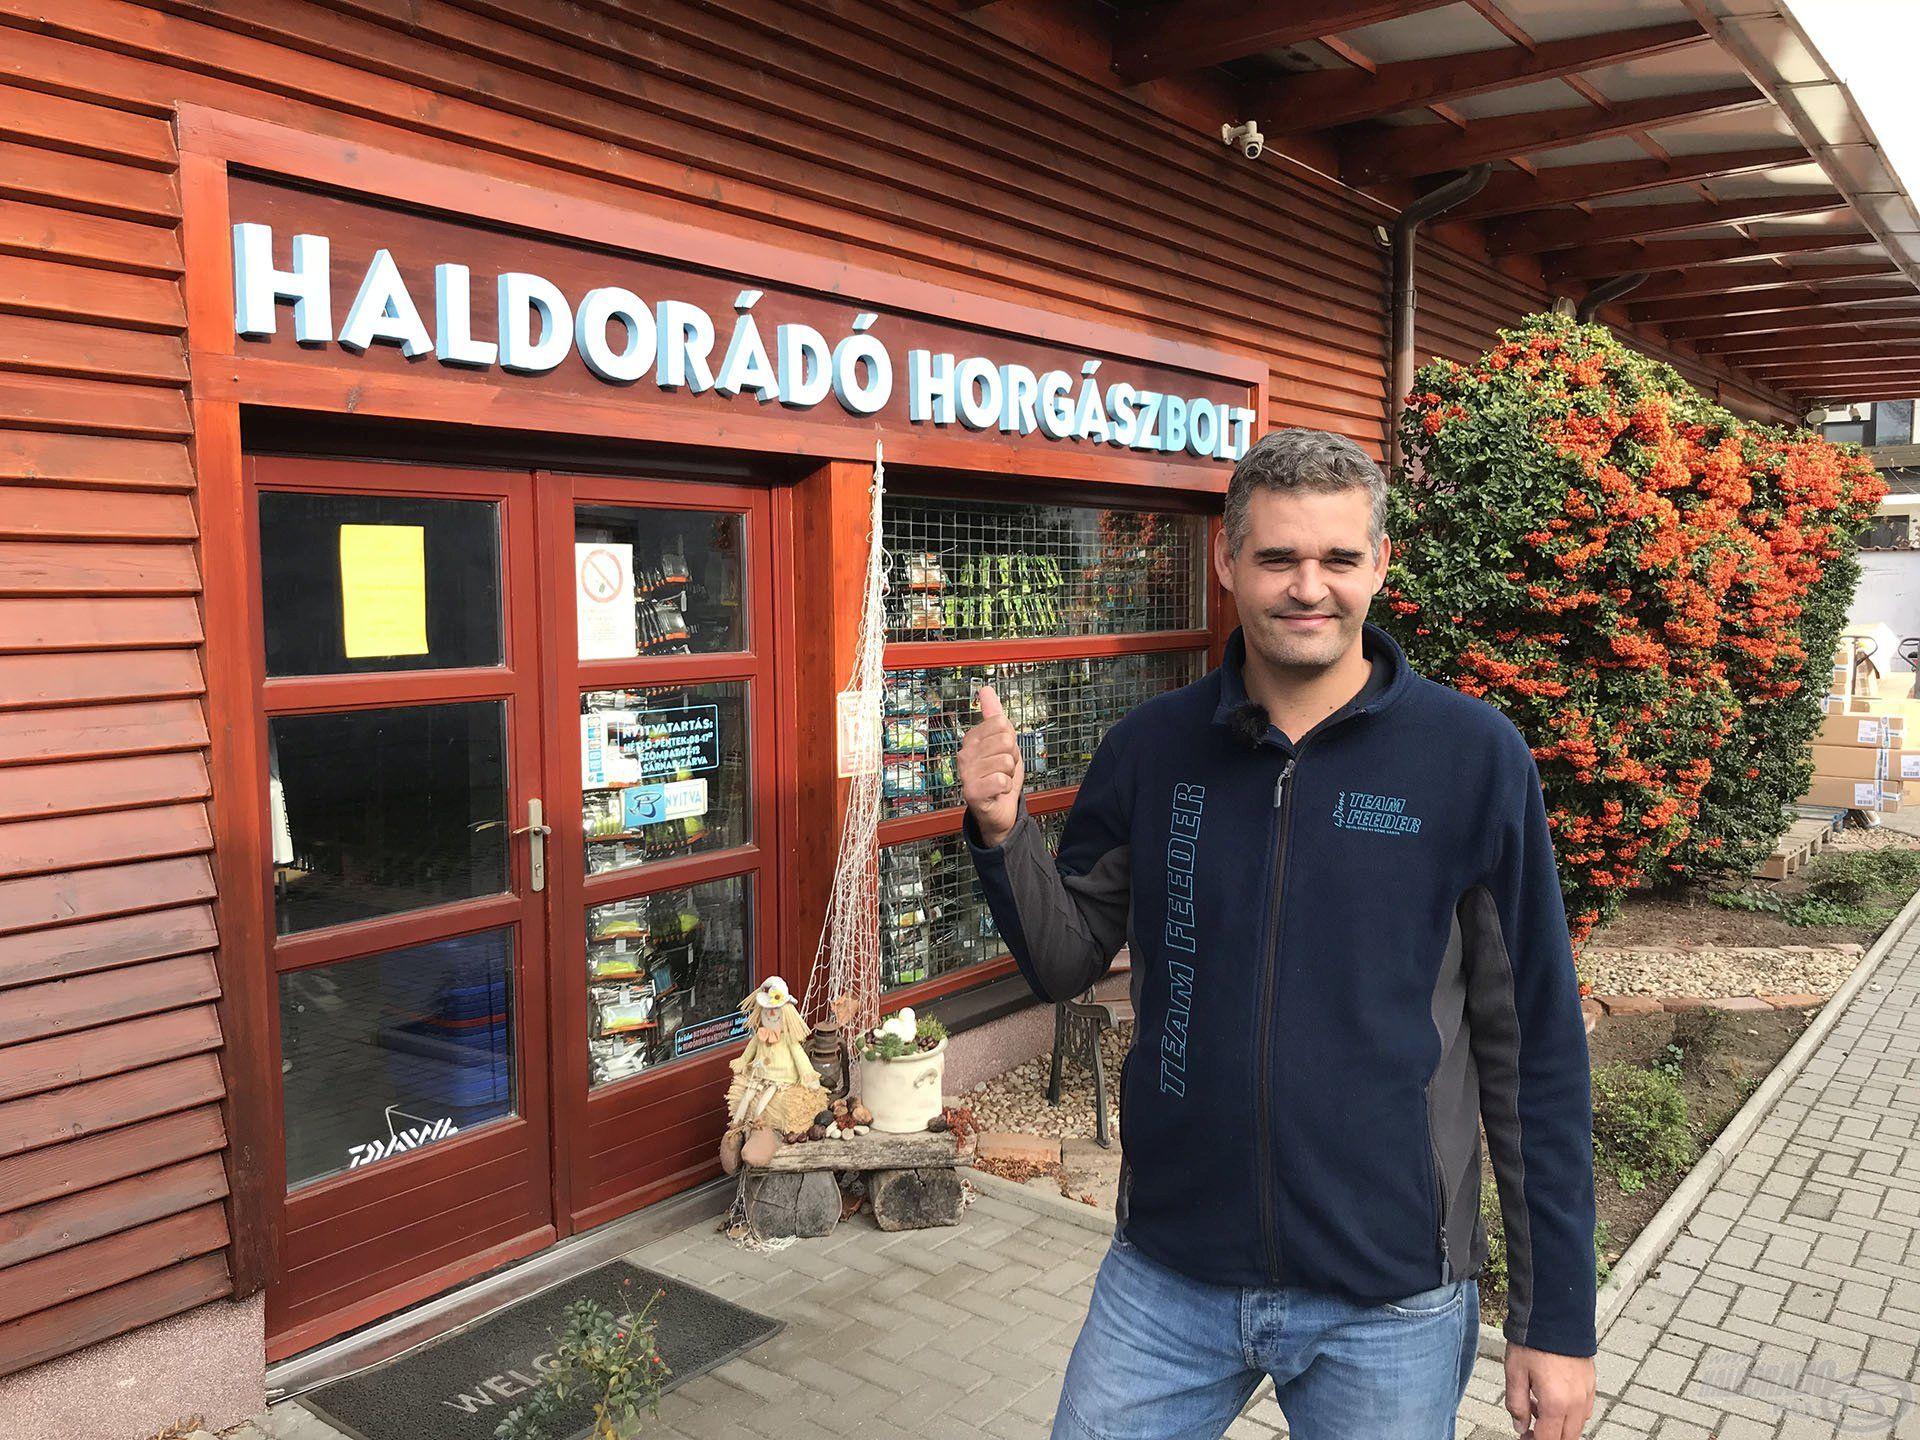 A Haldorádó Centrum az ország egyik legjobban felszerelt horgászboltja, itt mindenki a kedvére válogathat!